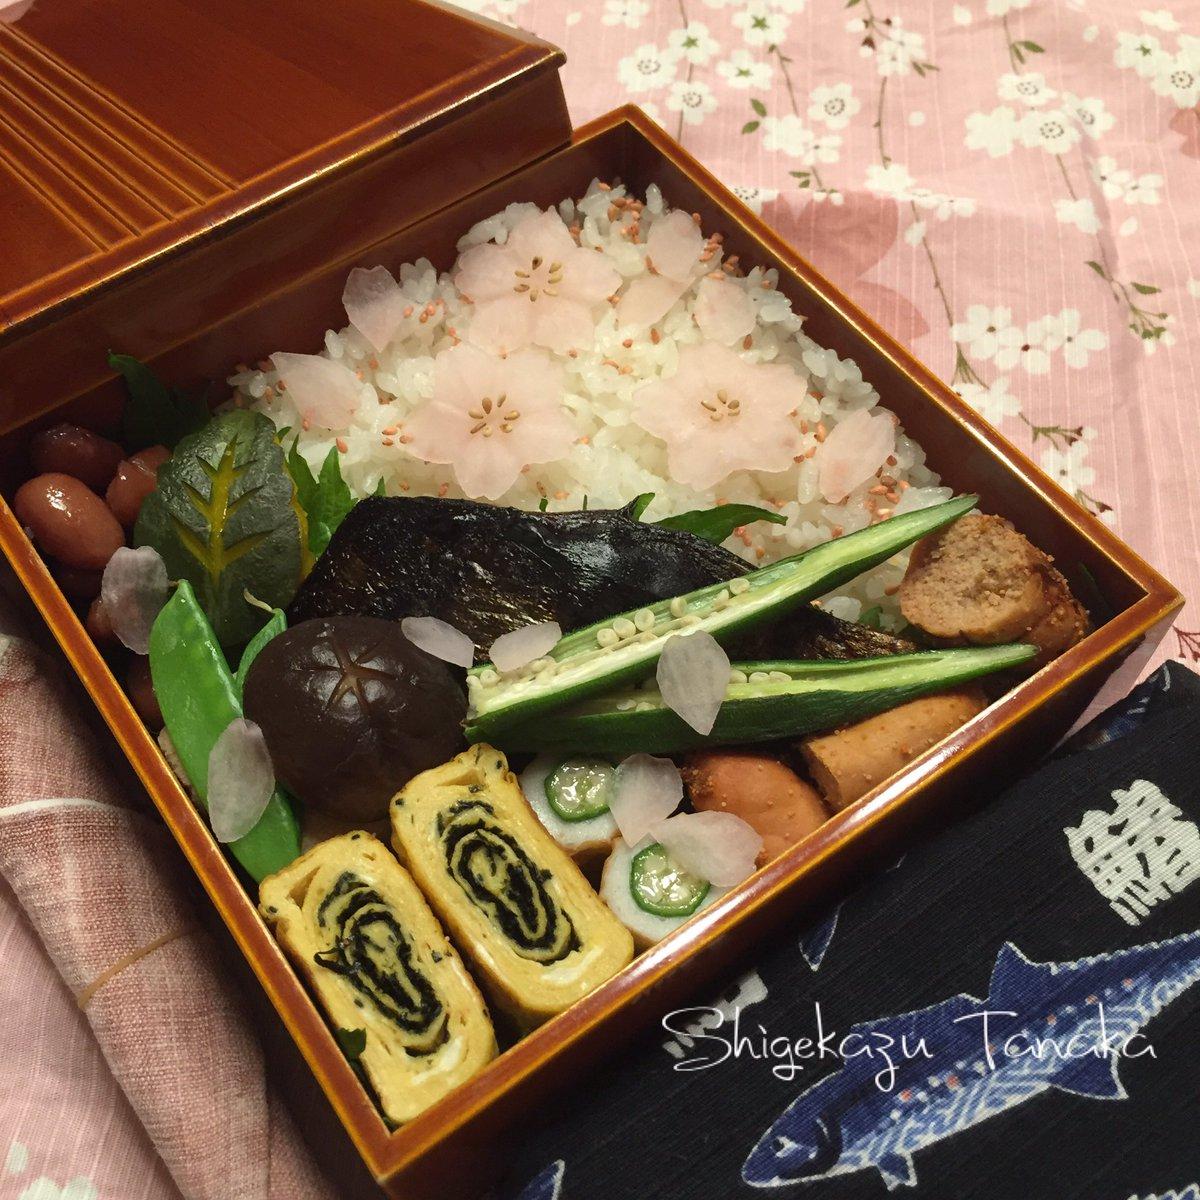 おはようございます。 3月30日の親父弁当は、お花見弁当。 鰆の西京焼き、いそべ玉子焼き、焼き明太子、高野豆腐と椎茸の含み煮、南瓜のたいたん、オクラ竹輪、金時豆、絹さや、大根の桜、ごはん。 #おはよう #お弁当 #親父弁当 https://t.co/ZRARH2G0CV